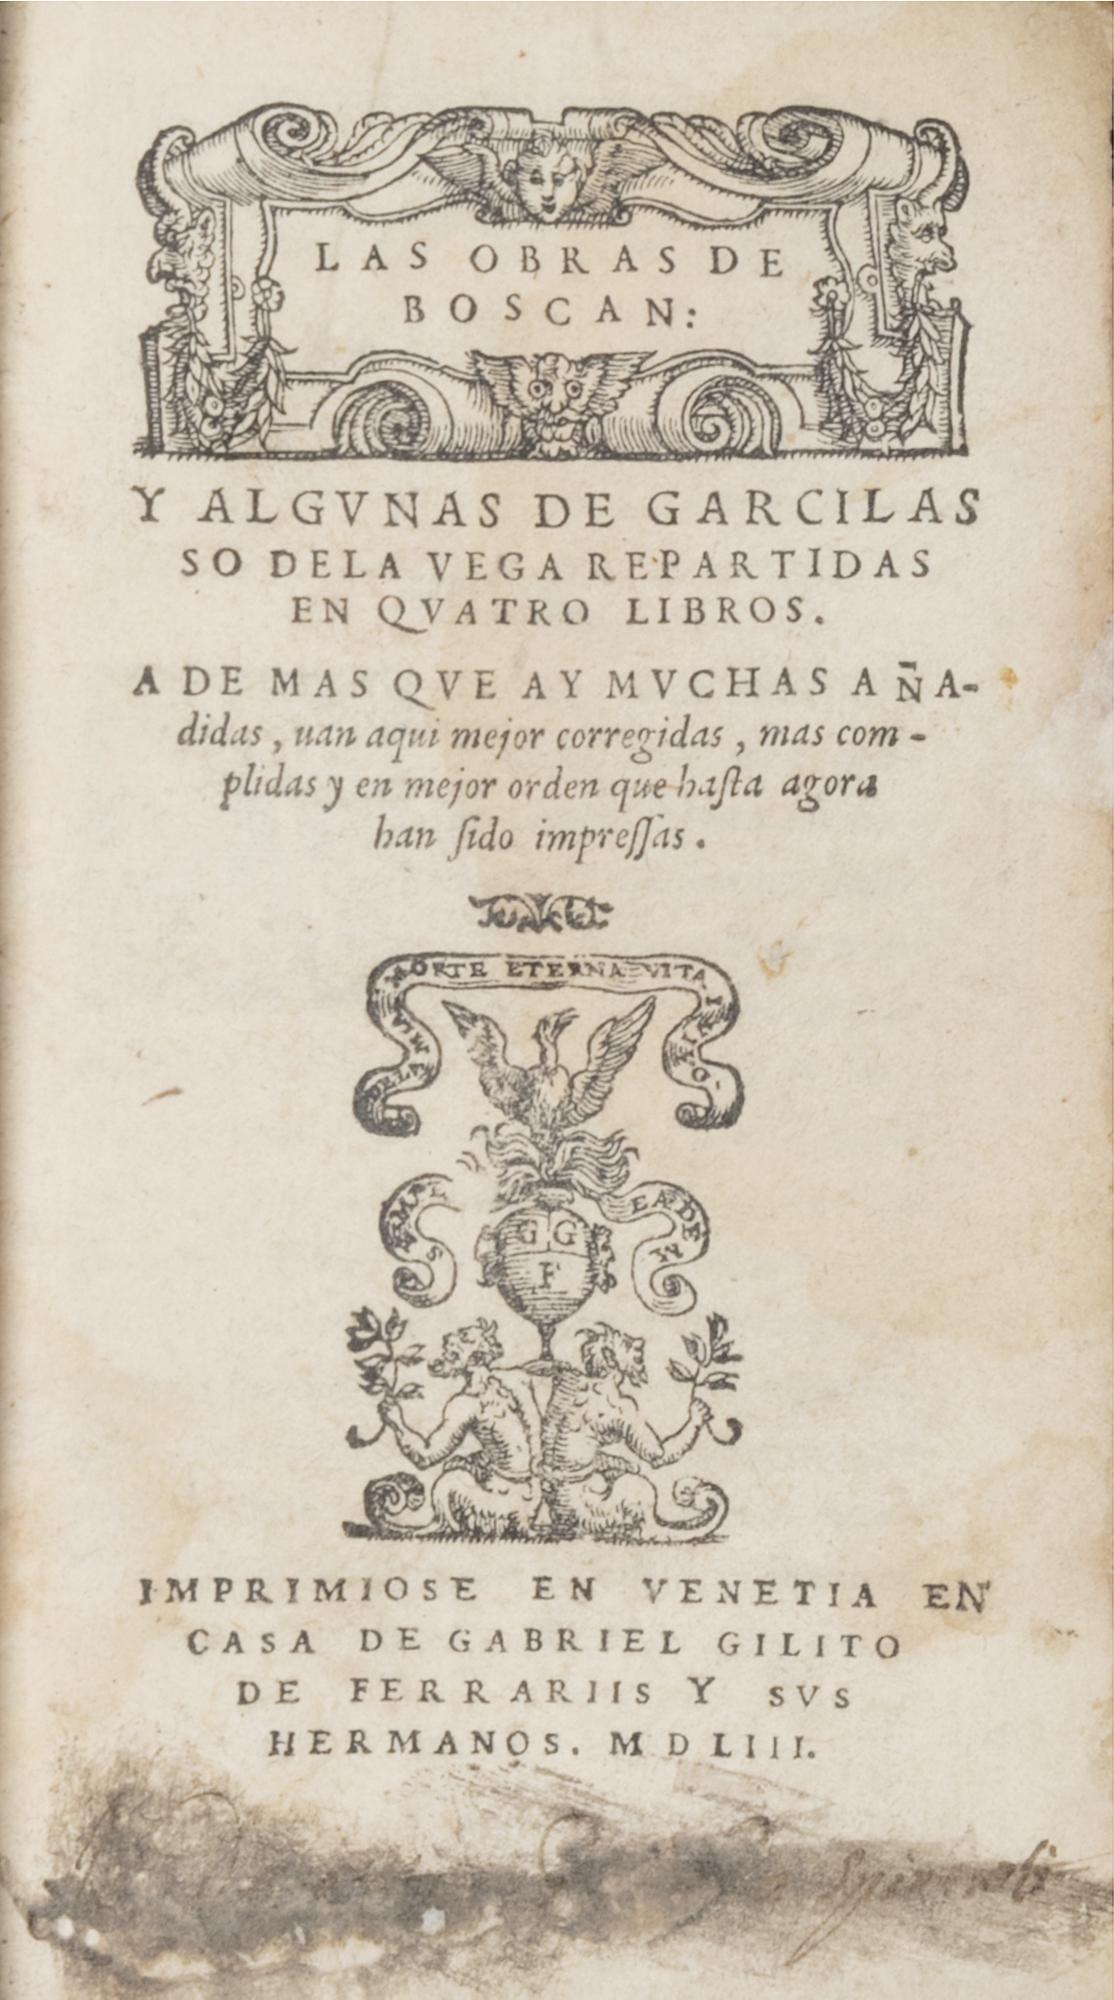 Las obras de Boscan y algunas de Garcilasso de la Vega repartidas en quatro libros